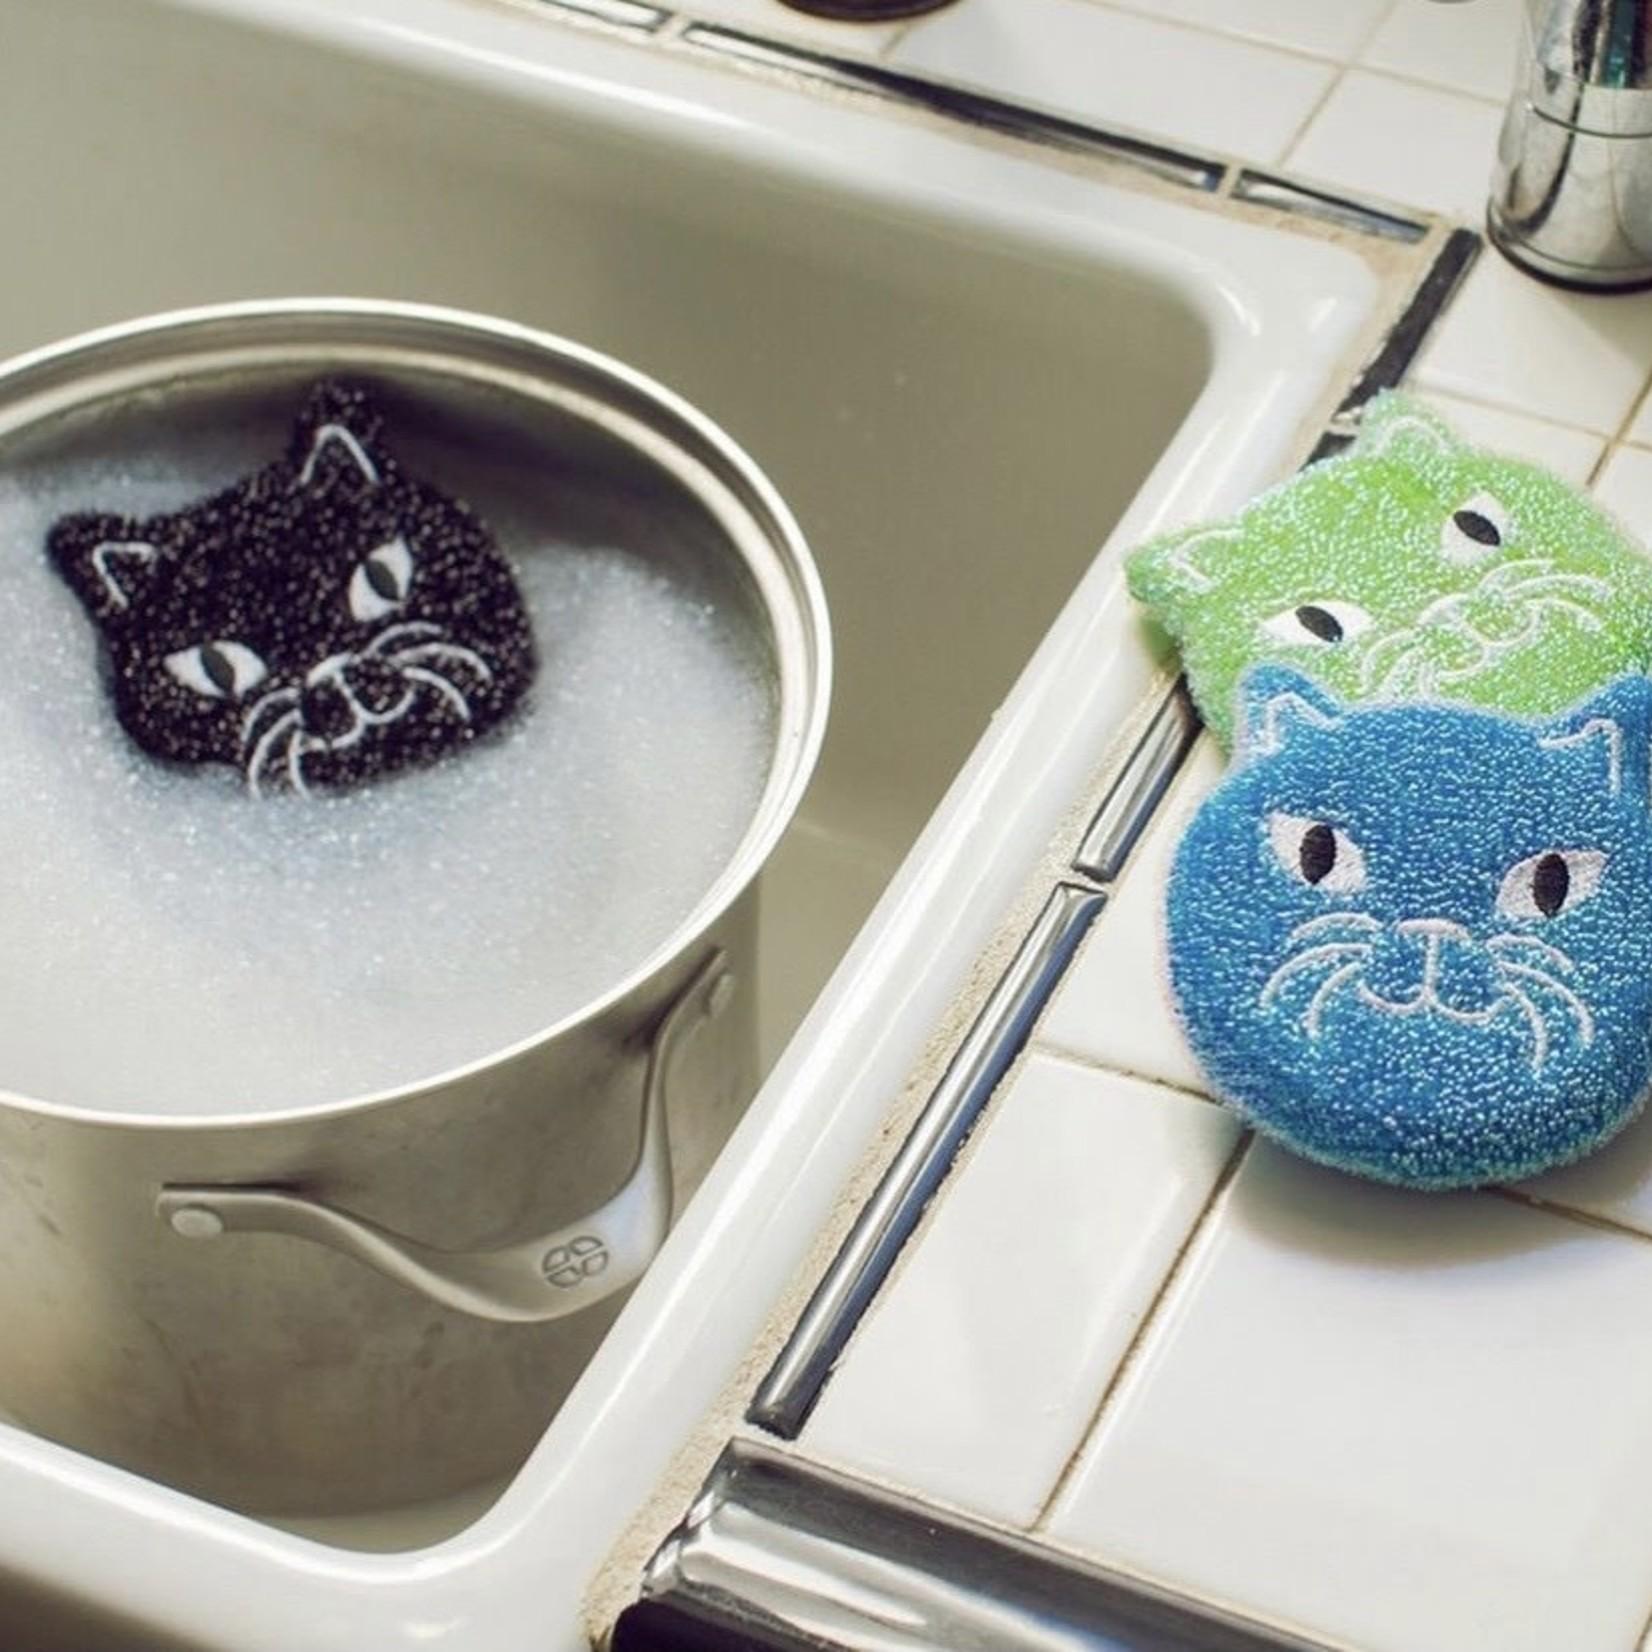 kikkerland Cat Dish Sponges s/3